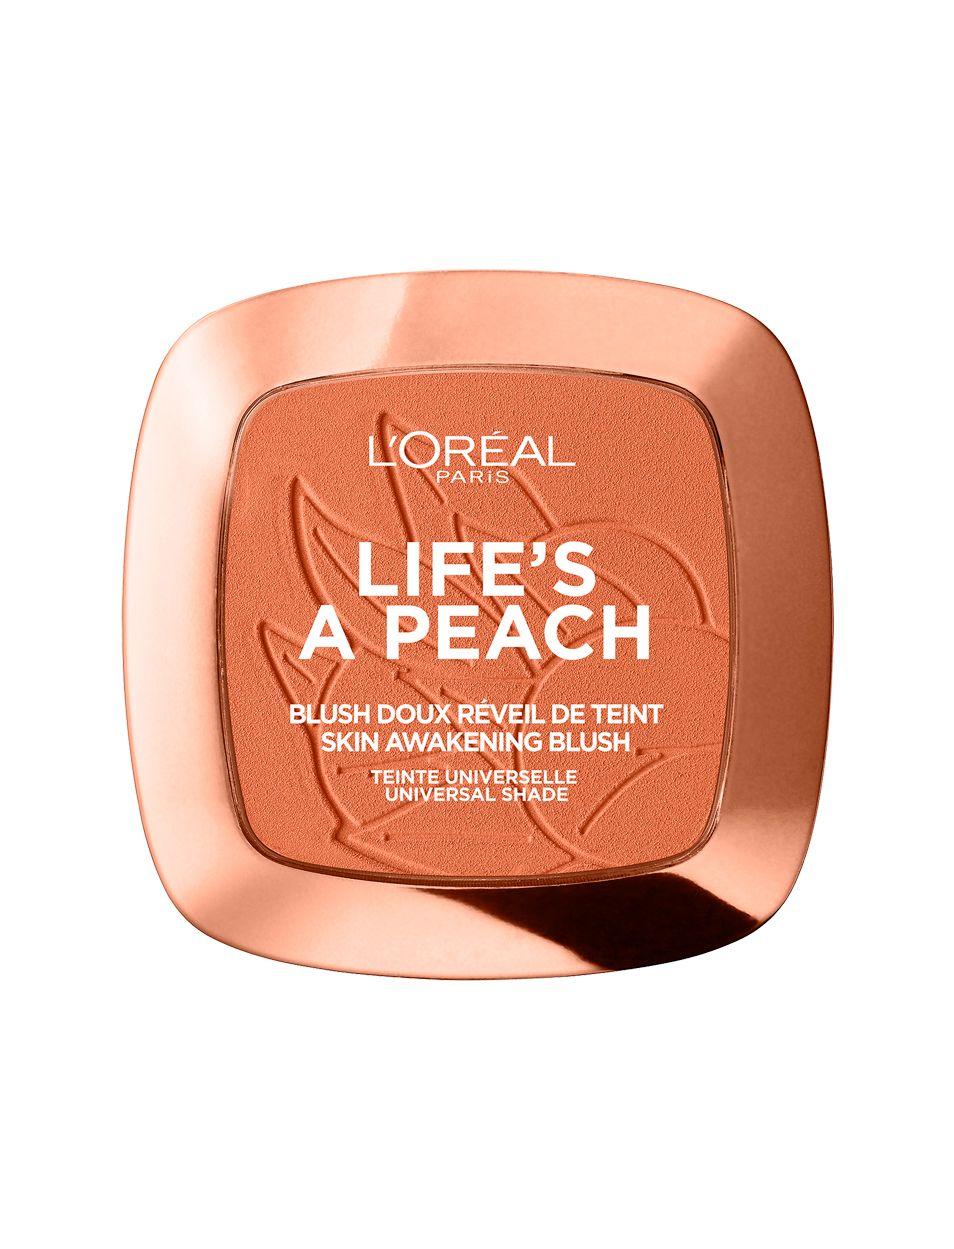 Life's a Peach Blush Powder tati (With images) Peach